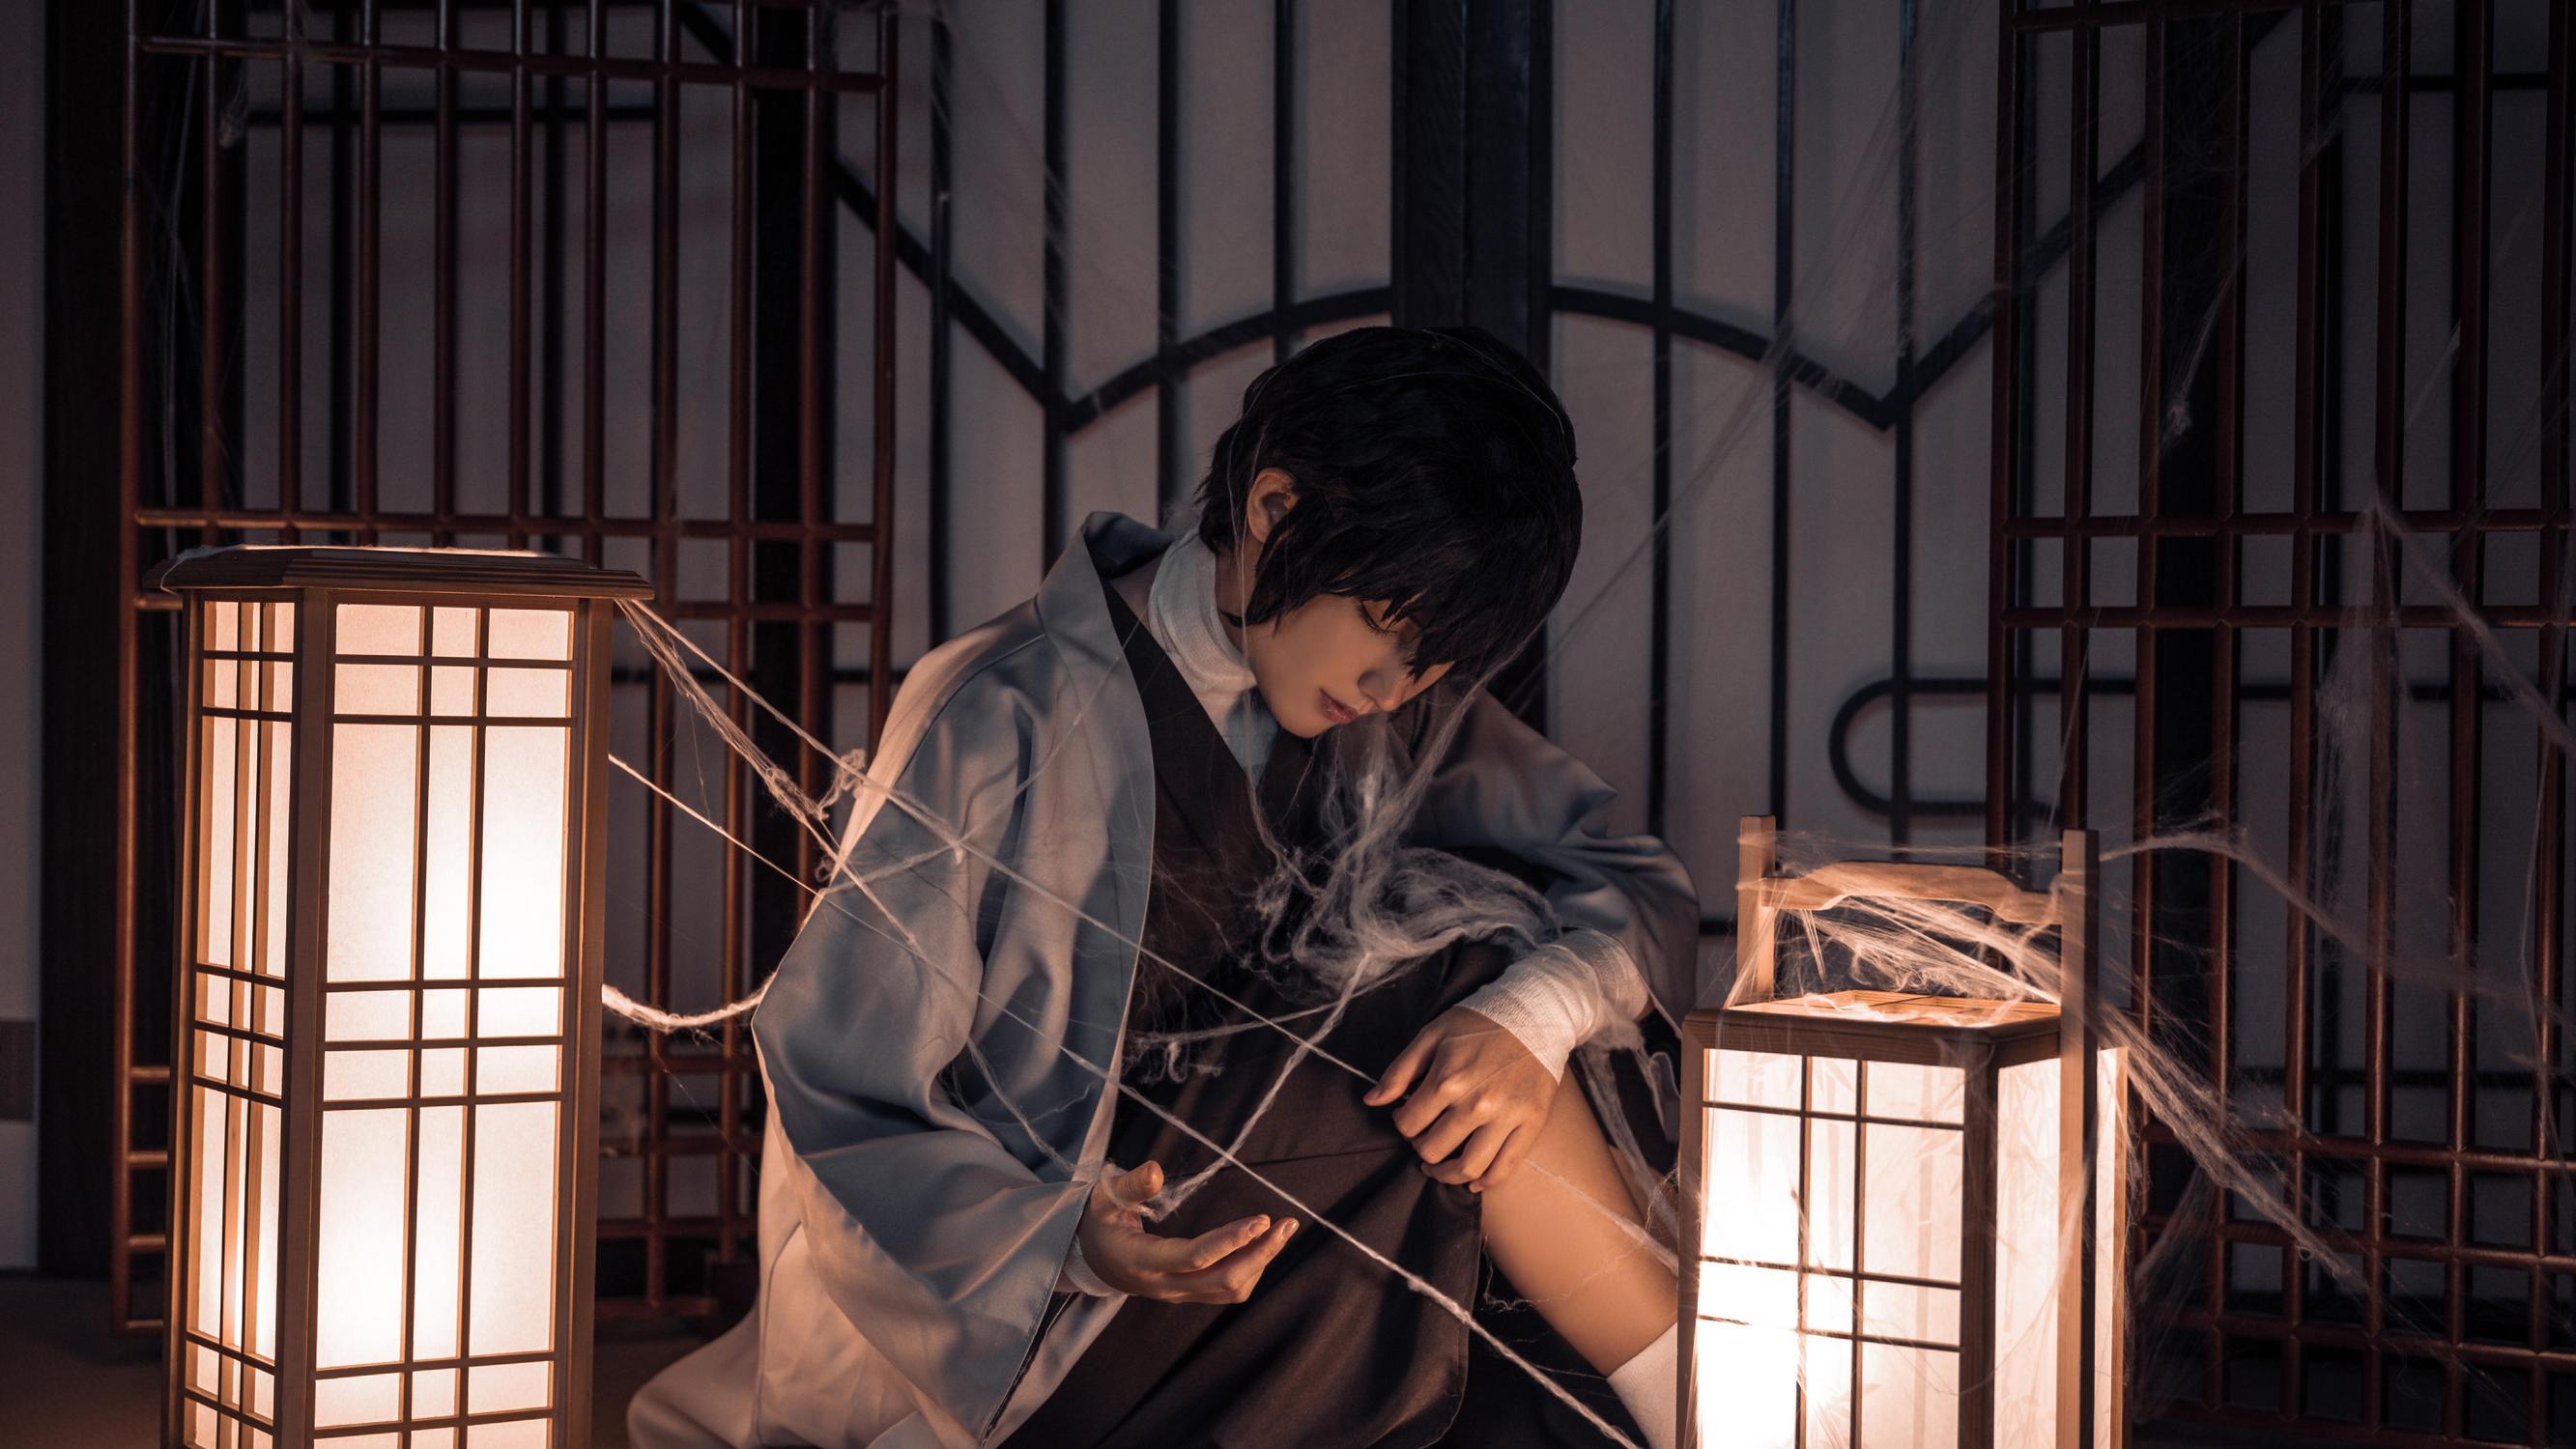 《文豪野犬》正片cosplay【CN:辰苏】 -性感蛇妖真人cosplay图片插图